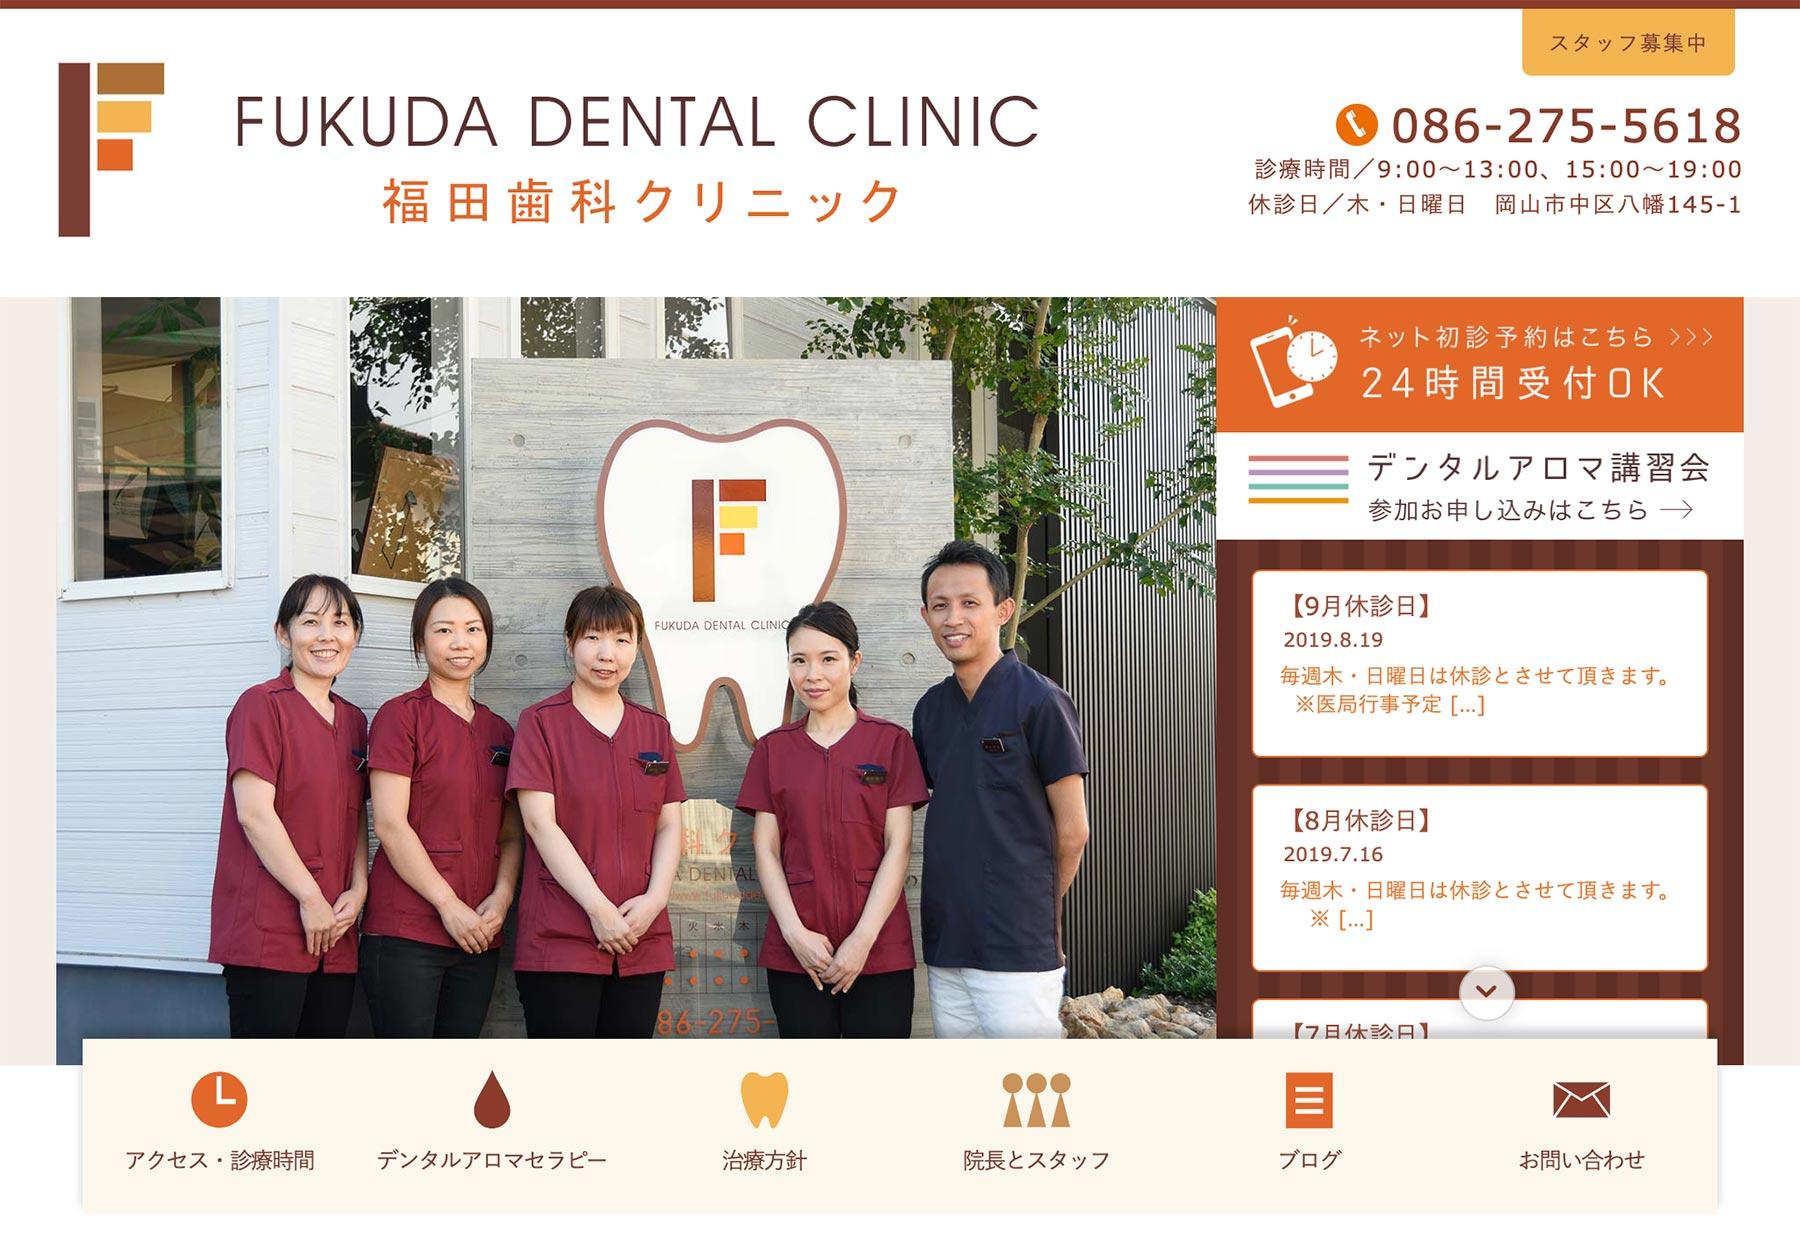 福田歯科クリニック Webデザイン PC